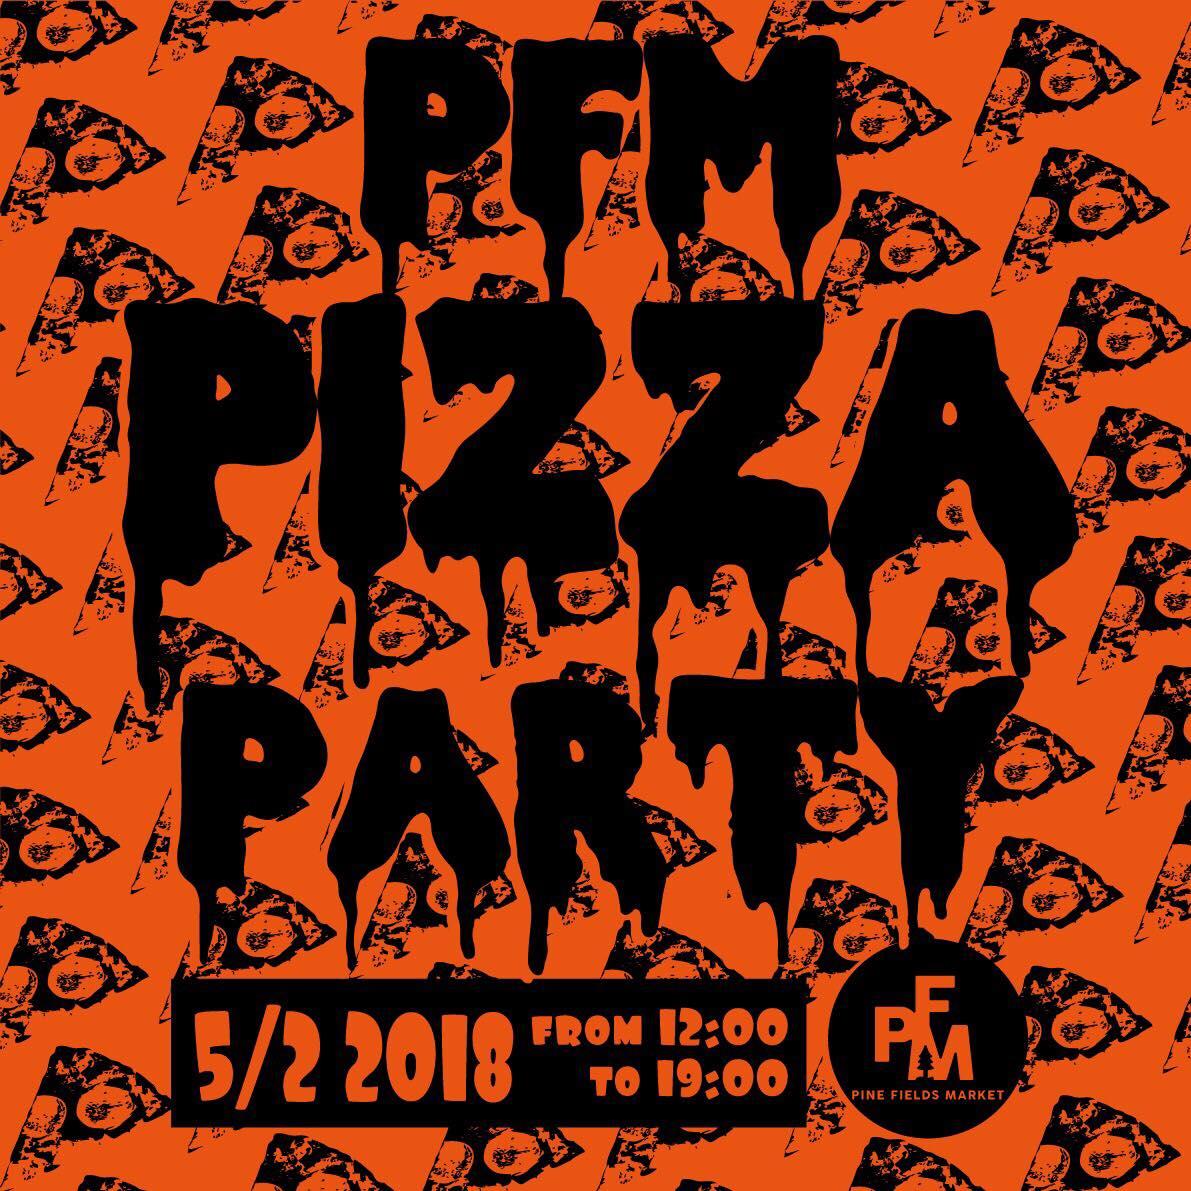 もちろんやりますPFM PIZZA PARTY!!! - GWの営業案内